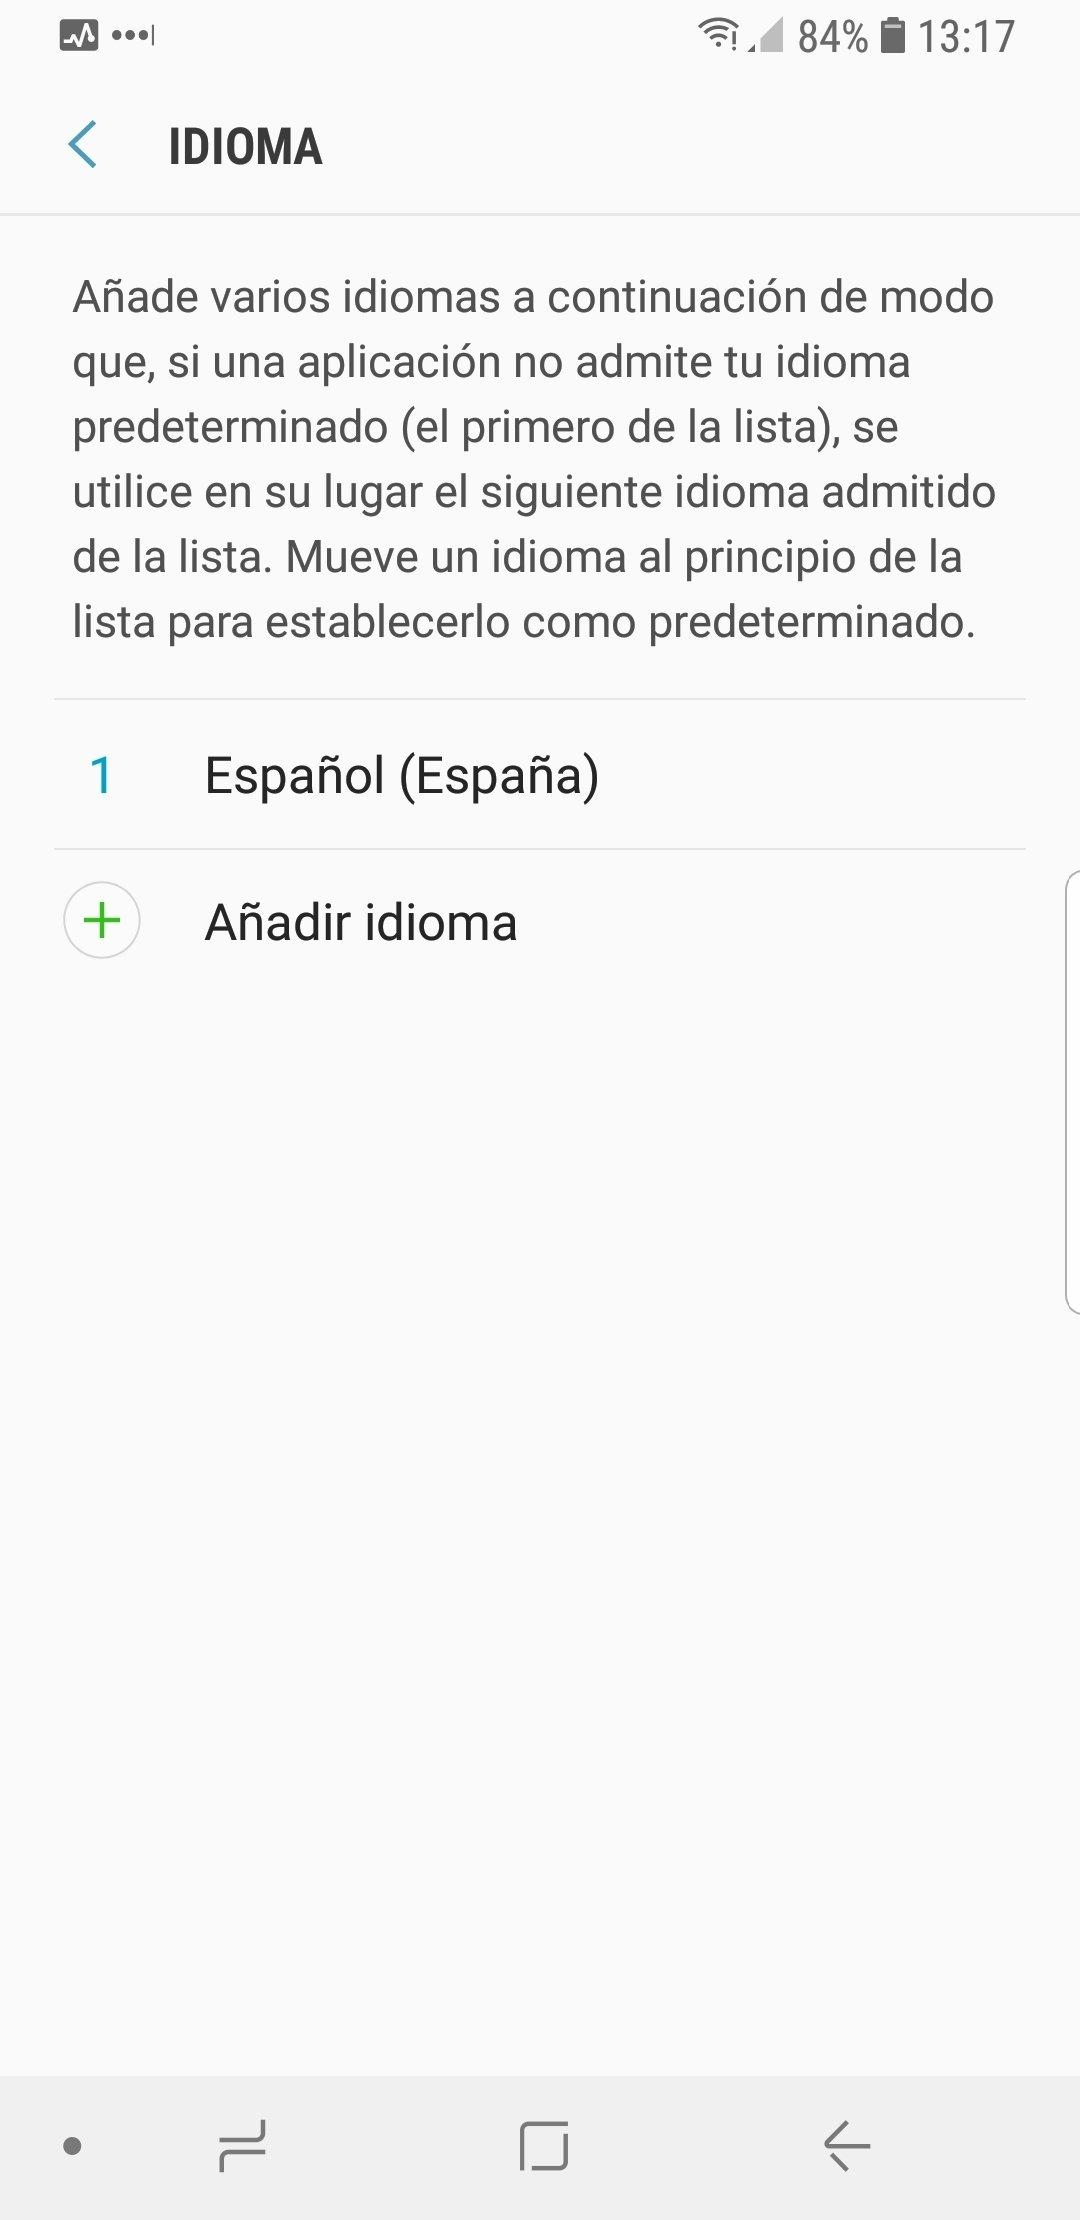 Añadir un idioma nuevo a Android